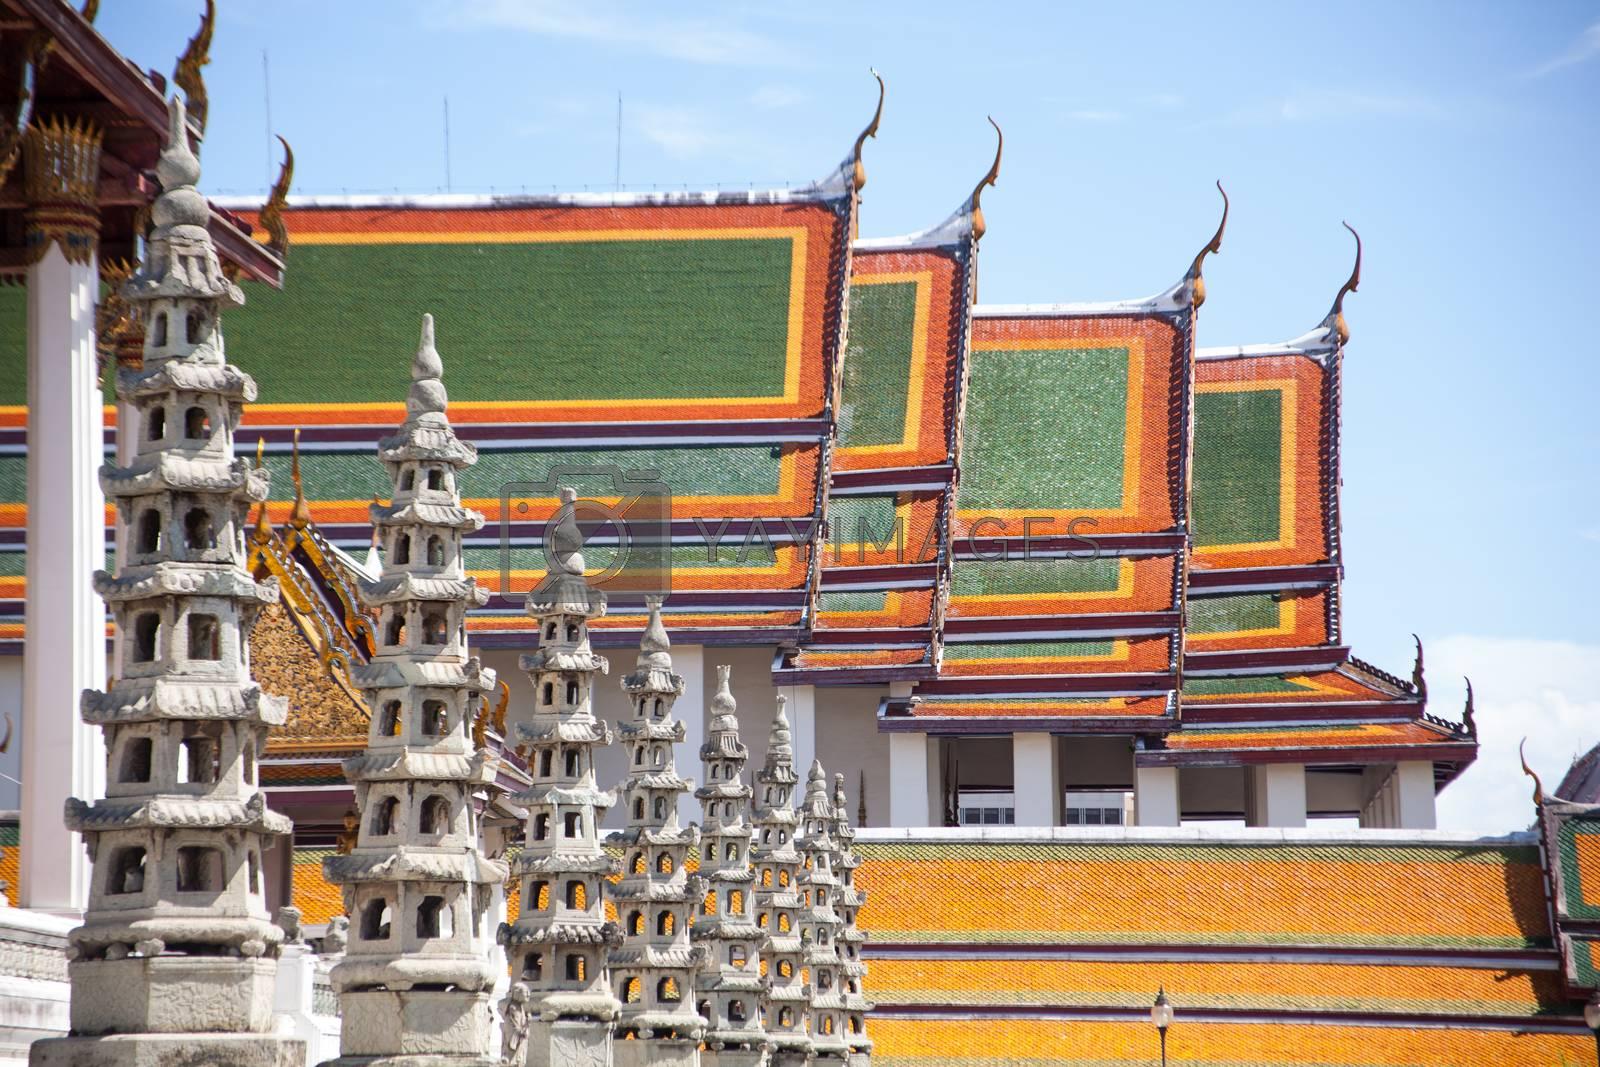 Thai temple art and design elegance. Religious buildings, Thailand.